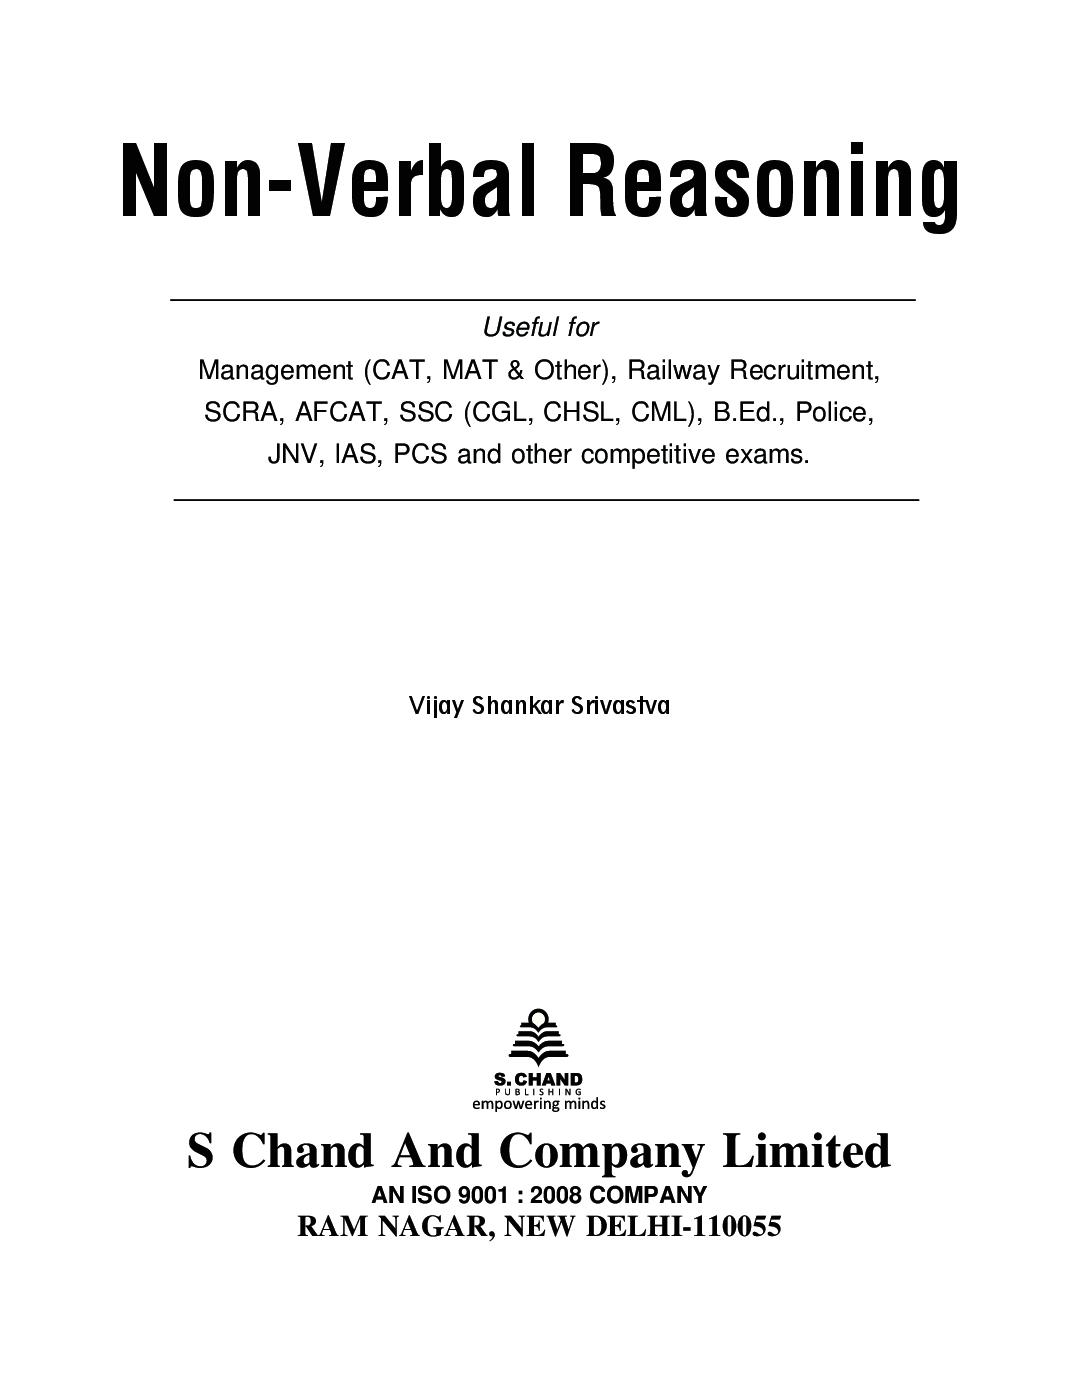 Download Non Verbal Reasoning By Vijay Shankar Srivastava